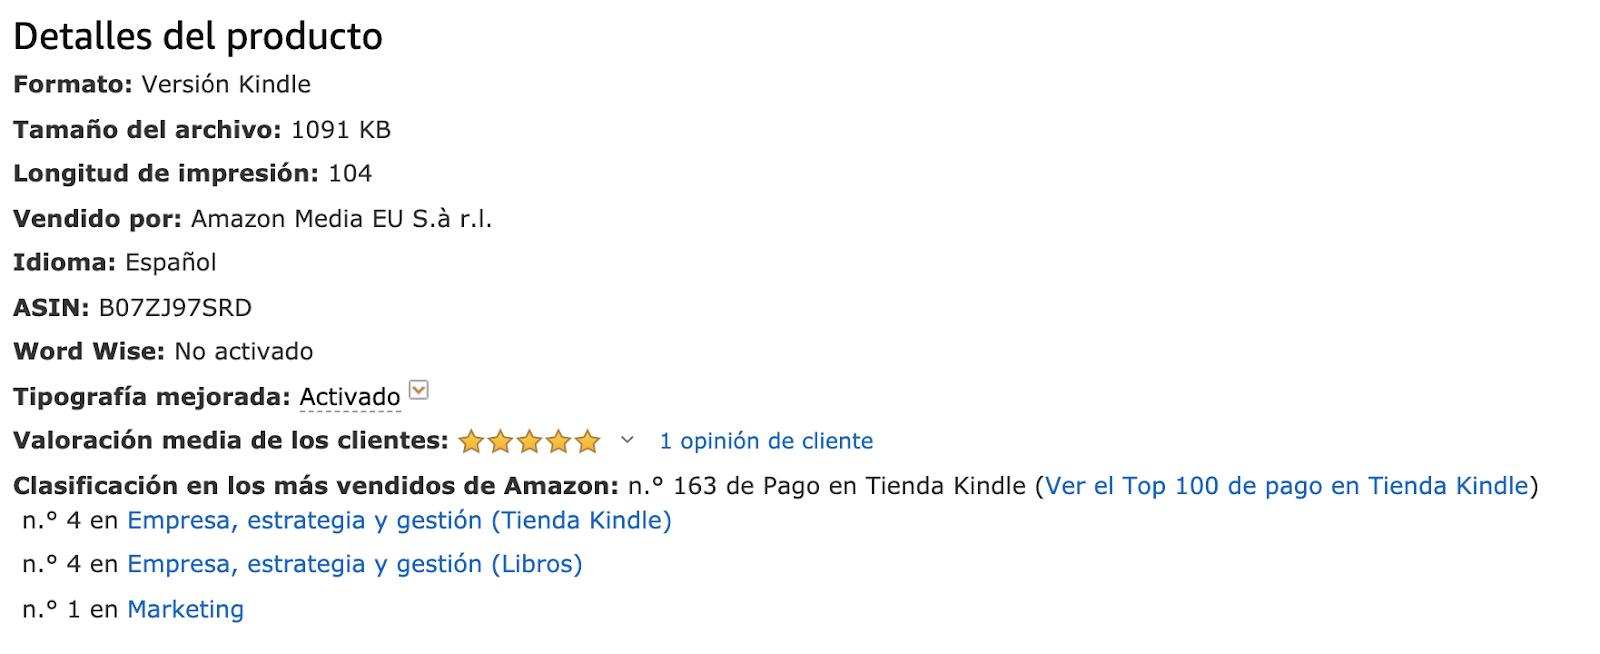 Bestseller en la categoría de márketing Amazon Identidad Verbal Haizea de Pedro Di lo que quieras pero no aburras